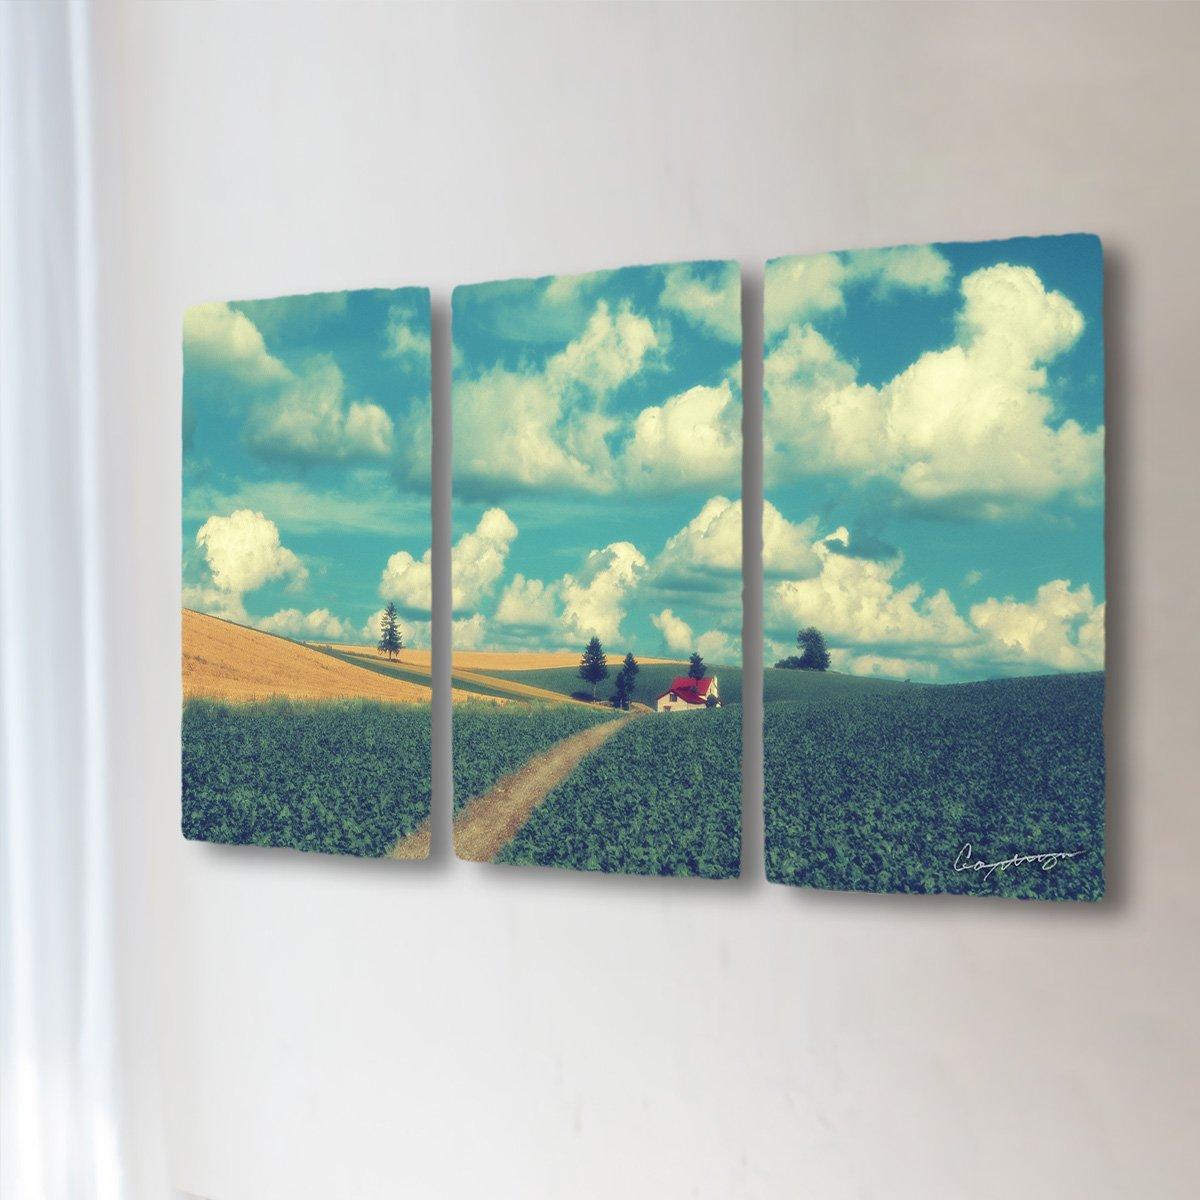 和紙 アートパネル 3枚 続き 「夏の雲とジャガイモ畑と赤い家へと続く道」 (50x28cm) 絵 絵画 壁掛け 壁飾り インテリア アート B07F587DLF 31.アートパネル3枚続き(長辺50cm) 12800円|夏の雲とジャガイモ畑と赤い家へと続く道 夏の雲とジャガイモ畑と赤い家へと続く道 31.アートパネル3枚続き(長辺50cm) 12800円